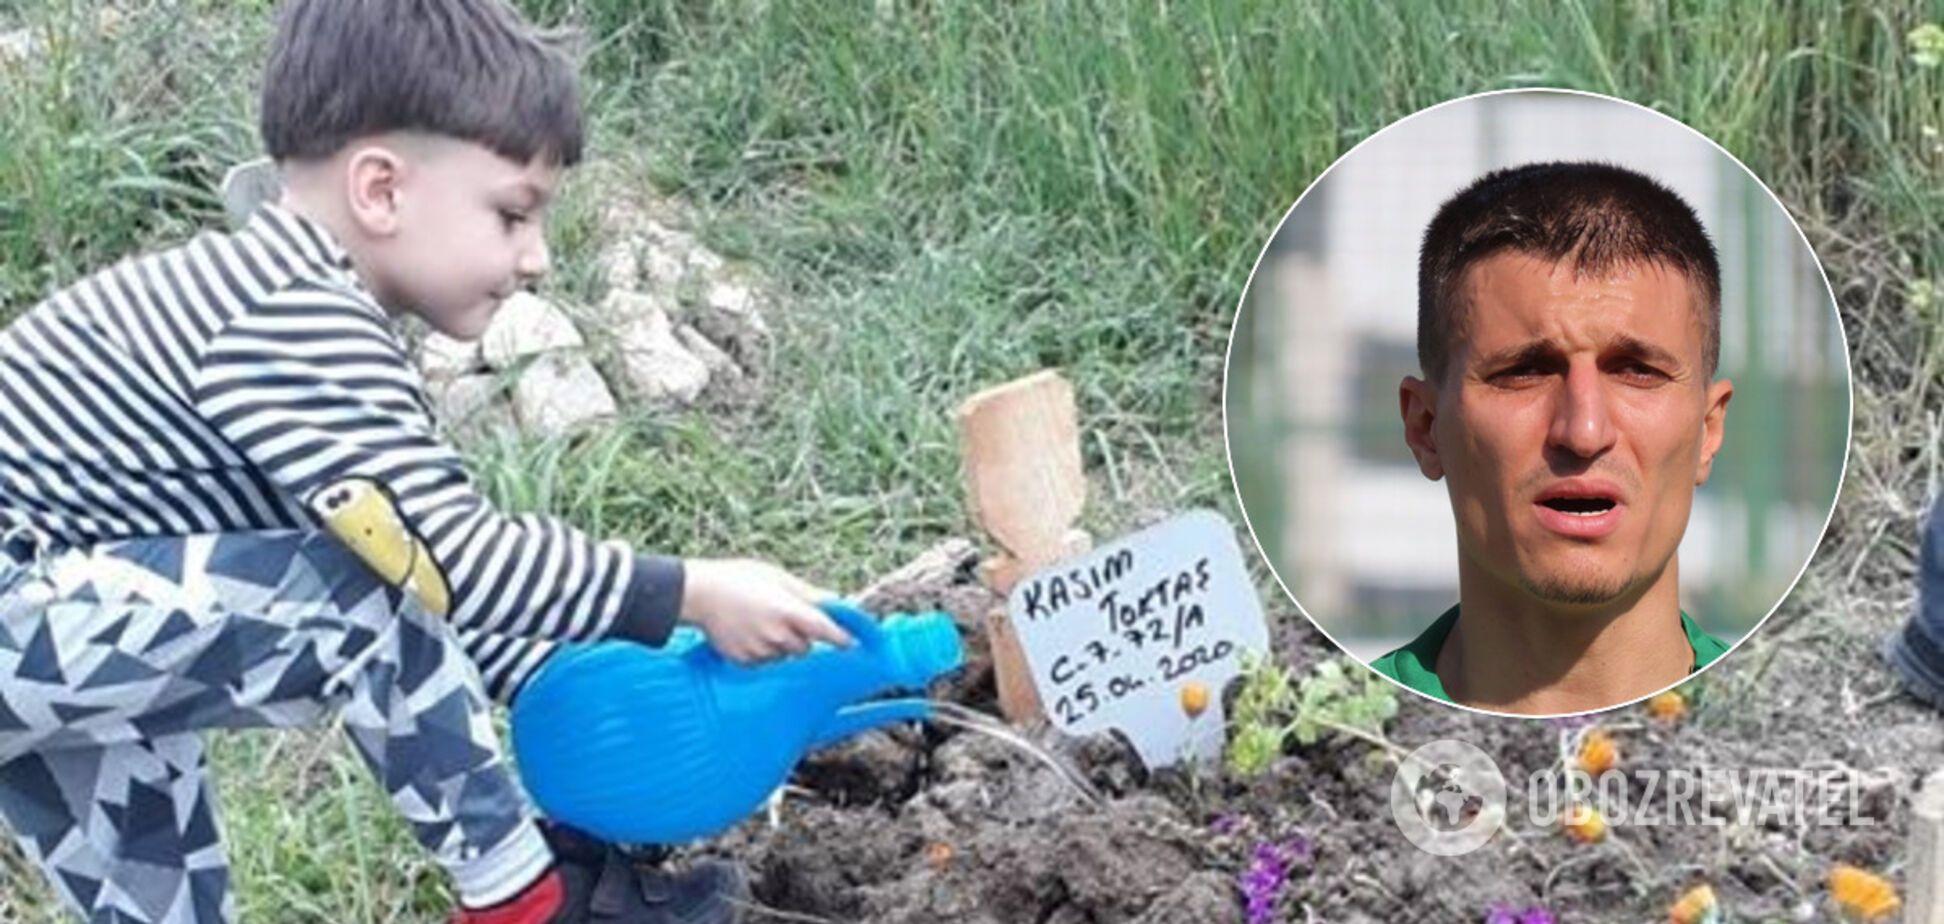 Футболист убил 5-летнего сына подушкой